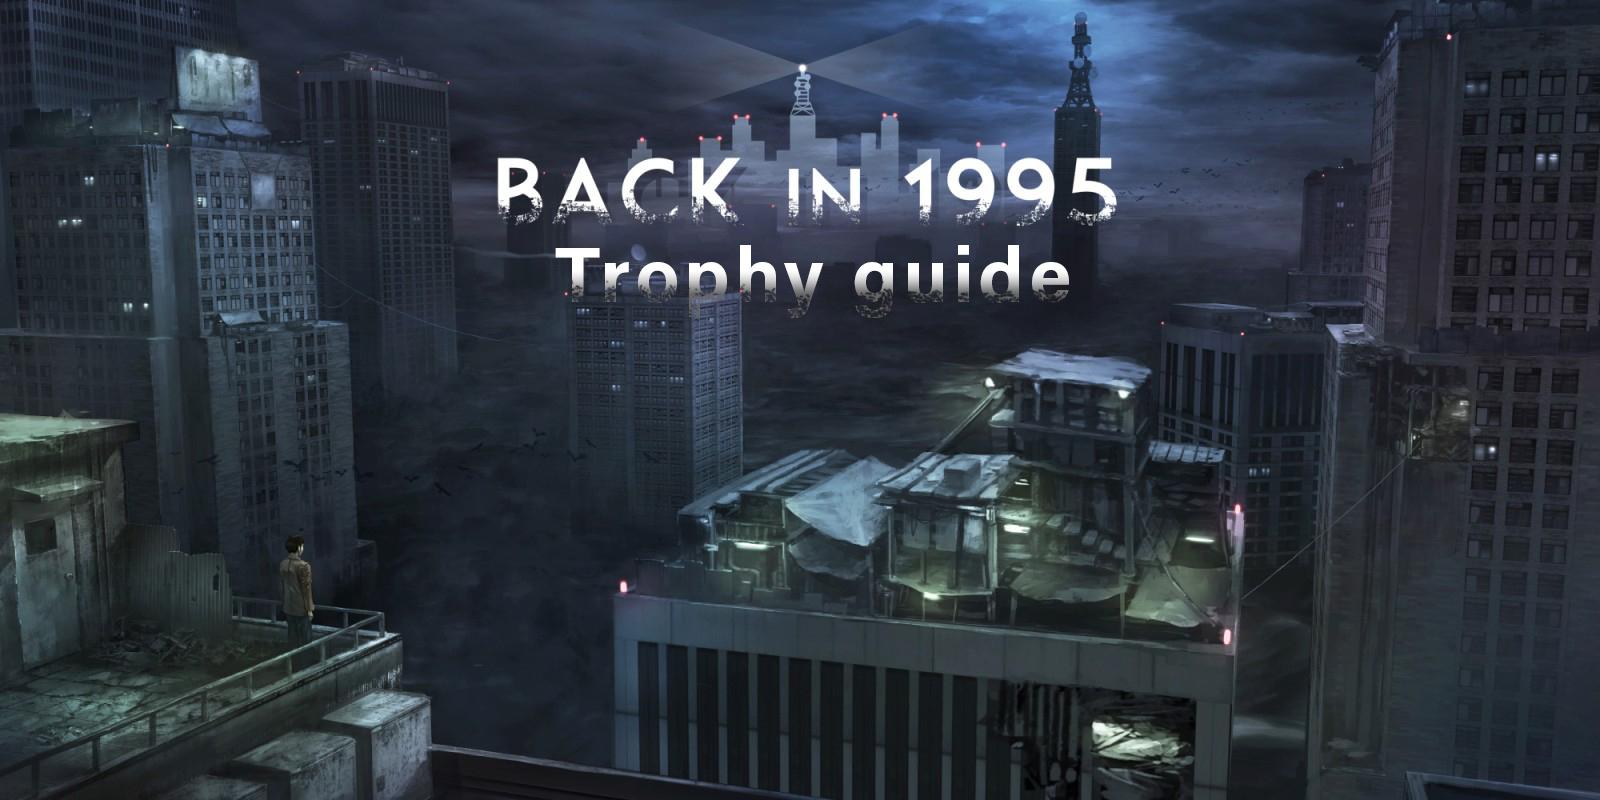 Back in 1995 Trophy Guide